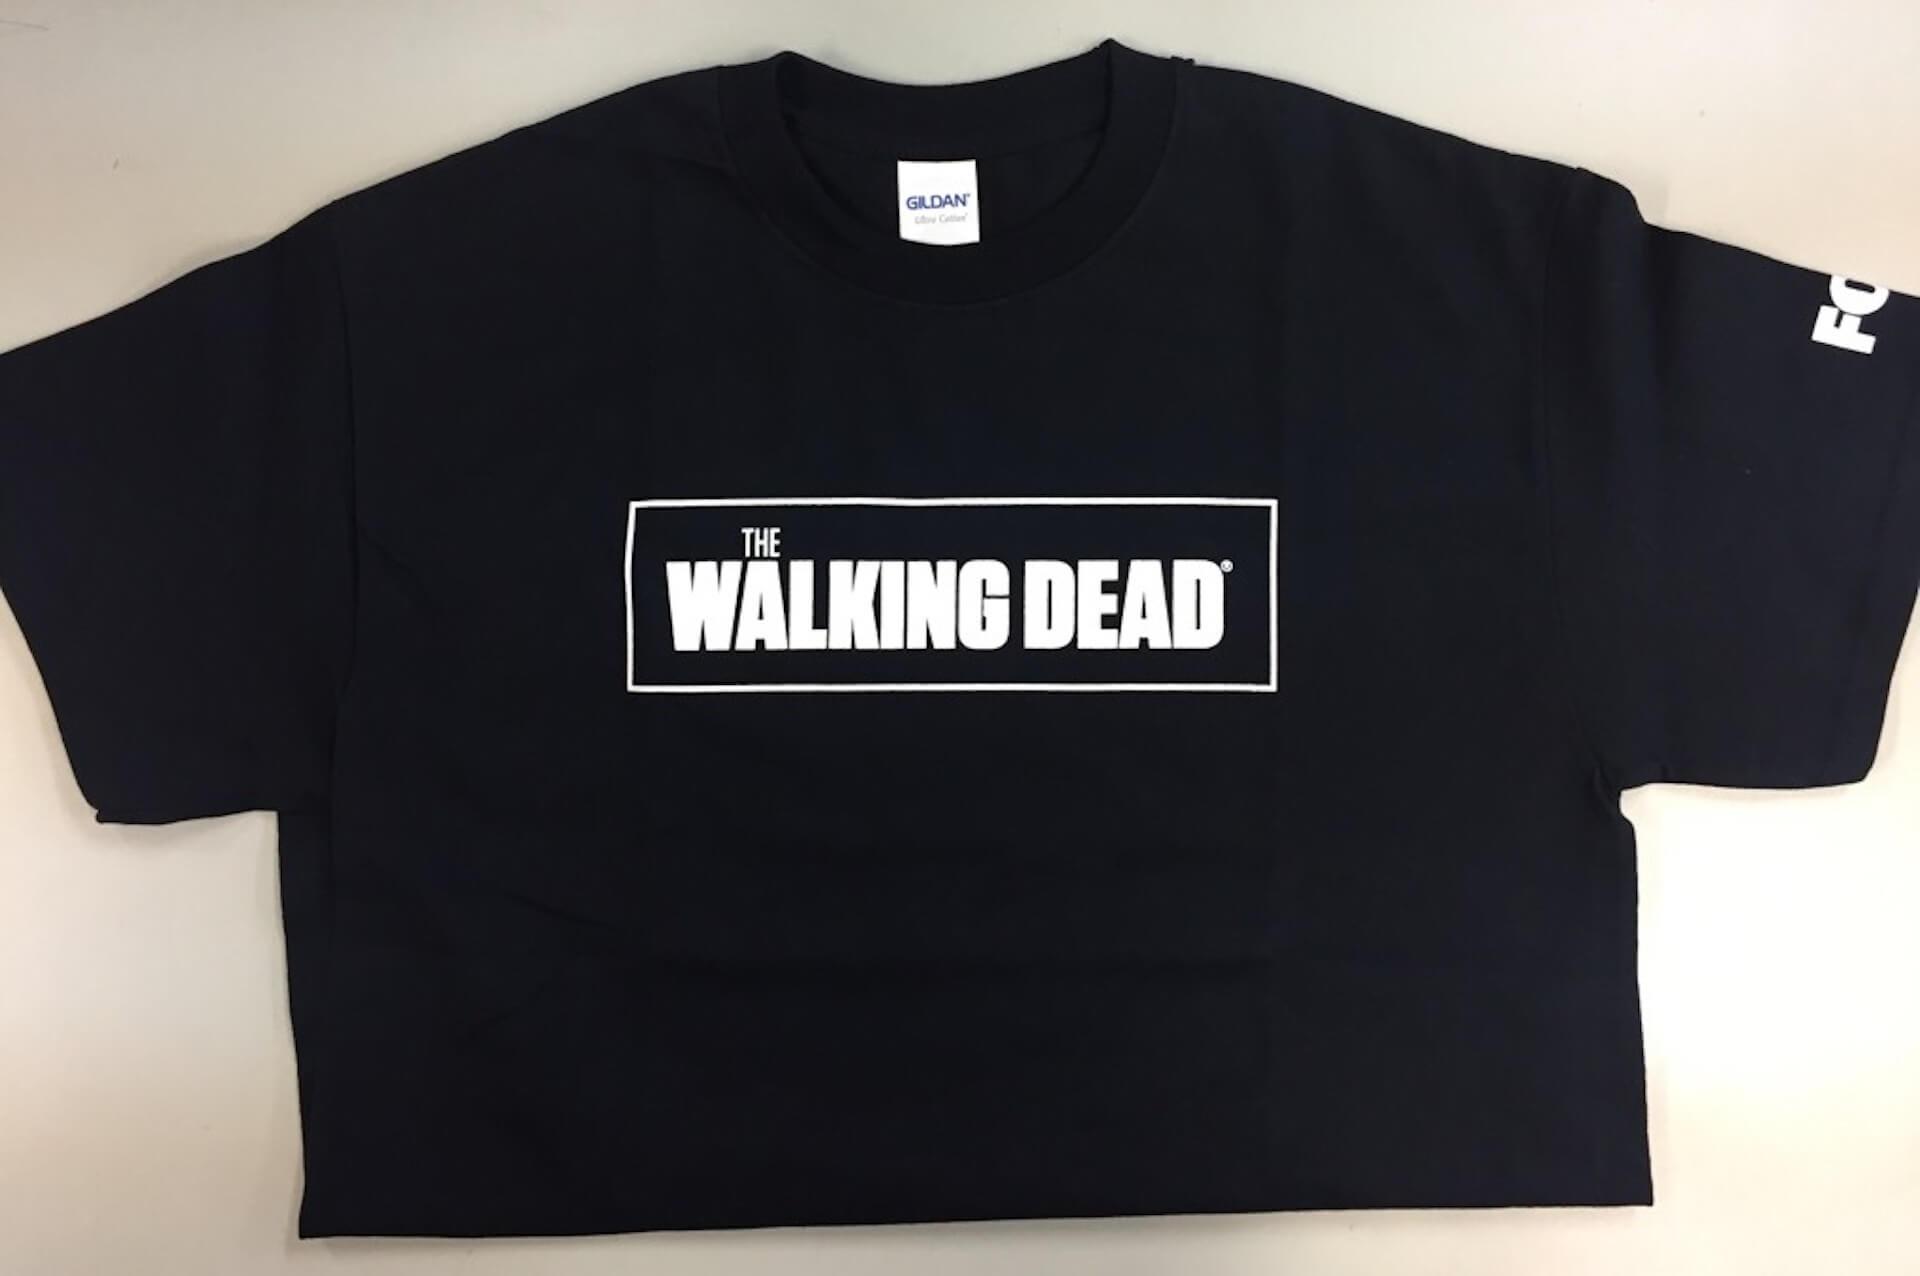 『ウォーキング・デッド』シーズン10のHulu配信スタート記念オリジナルTシャツを3名様にプレゼント! art191025_walkingdead_present_1